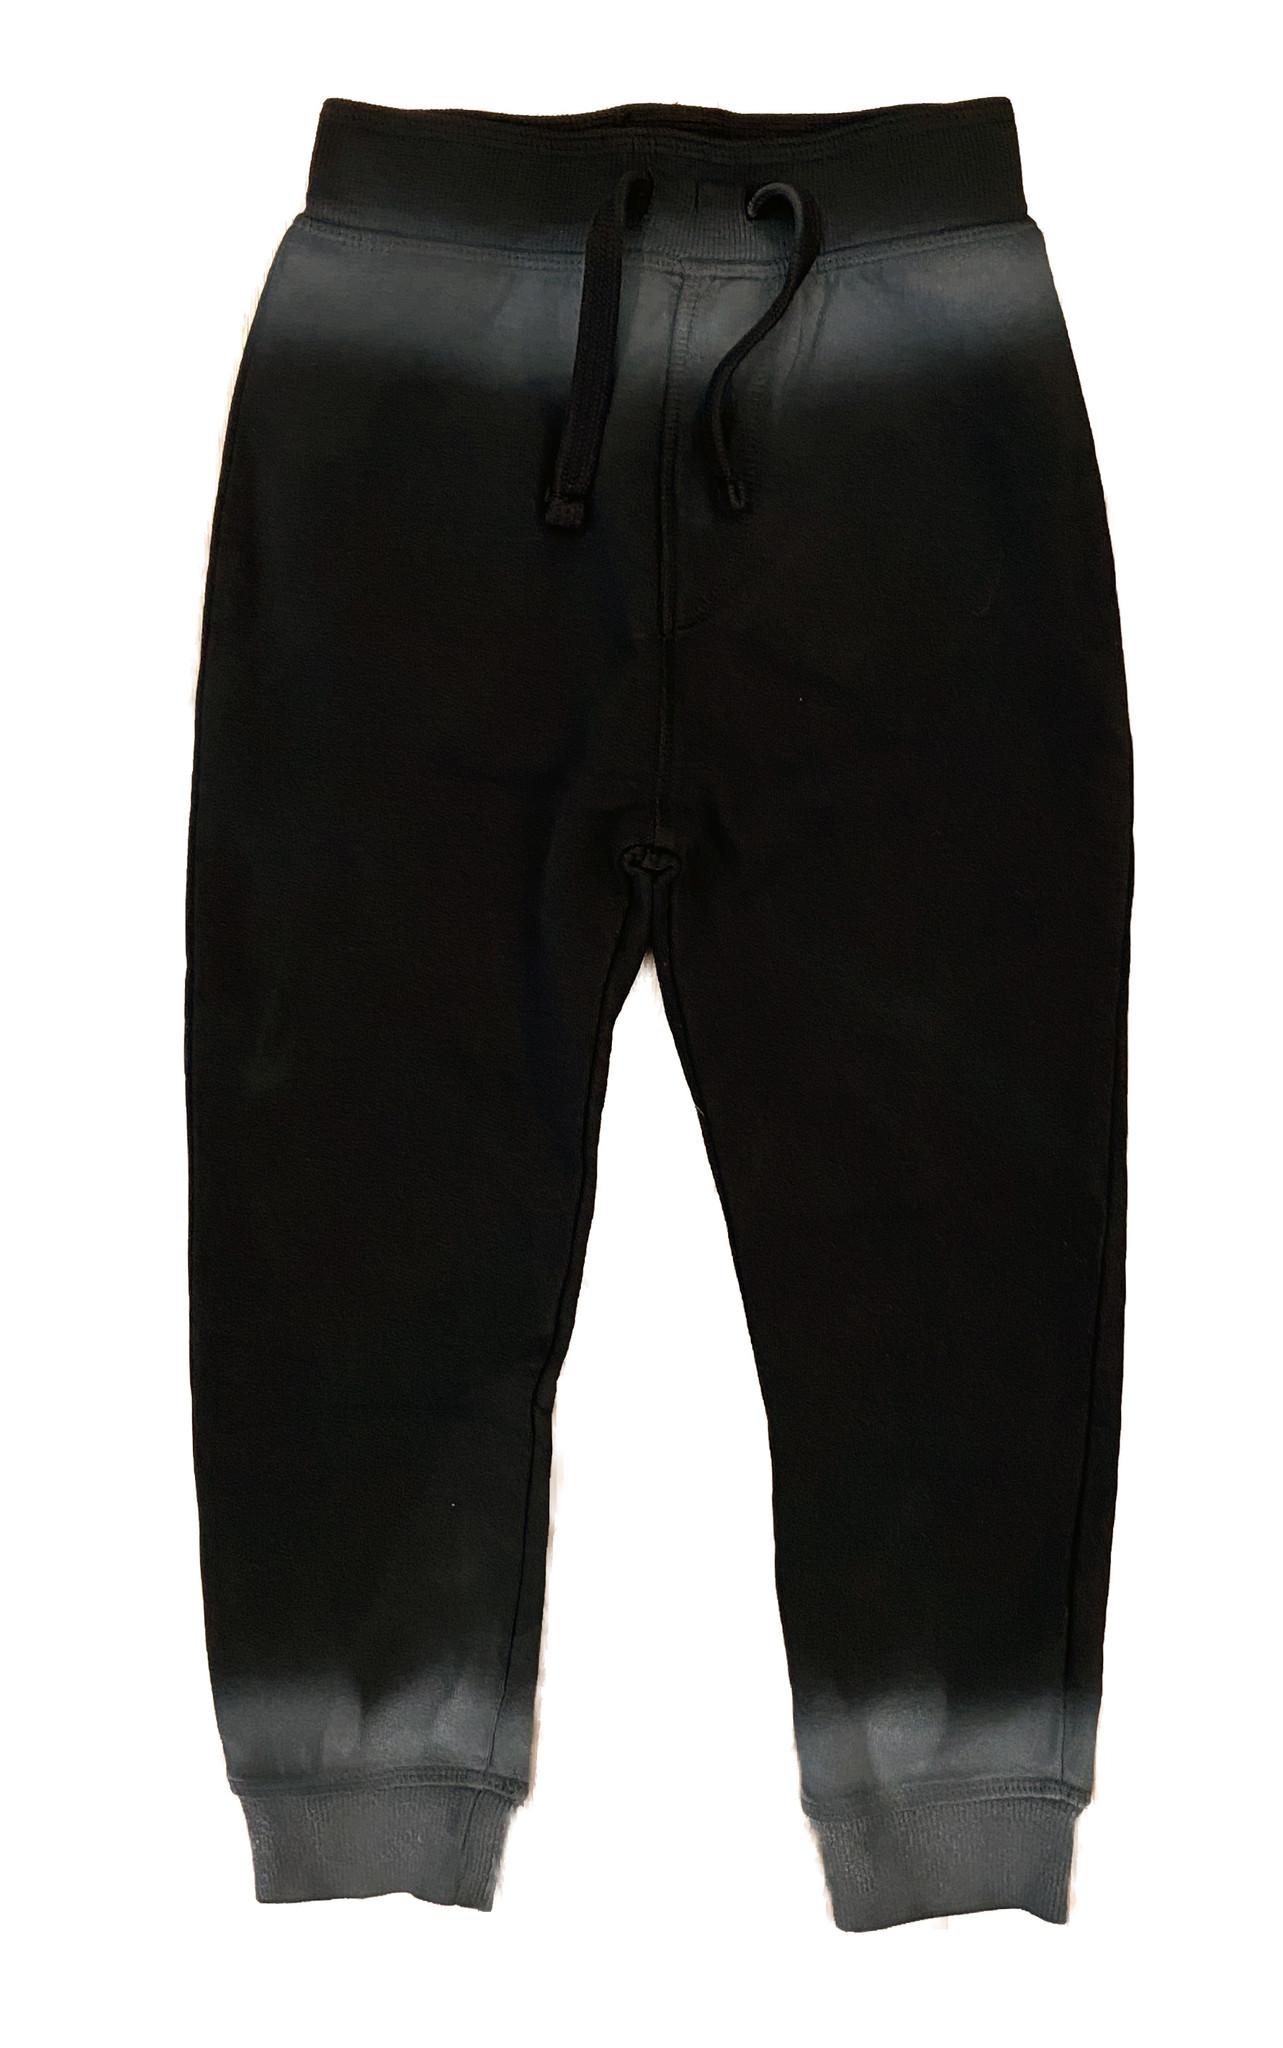 Mish Black Ombre Jogger